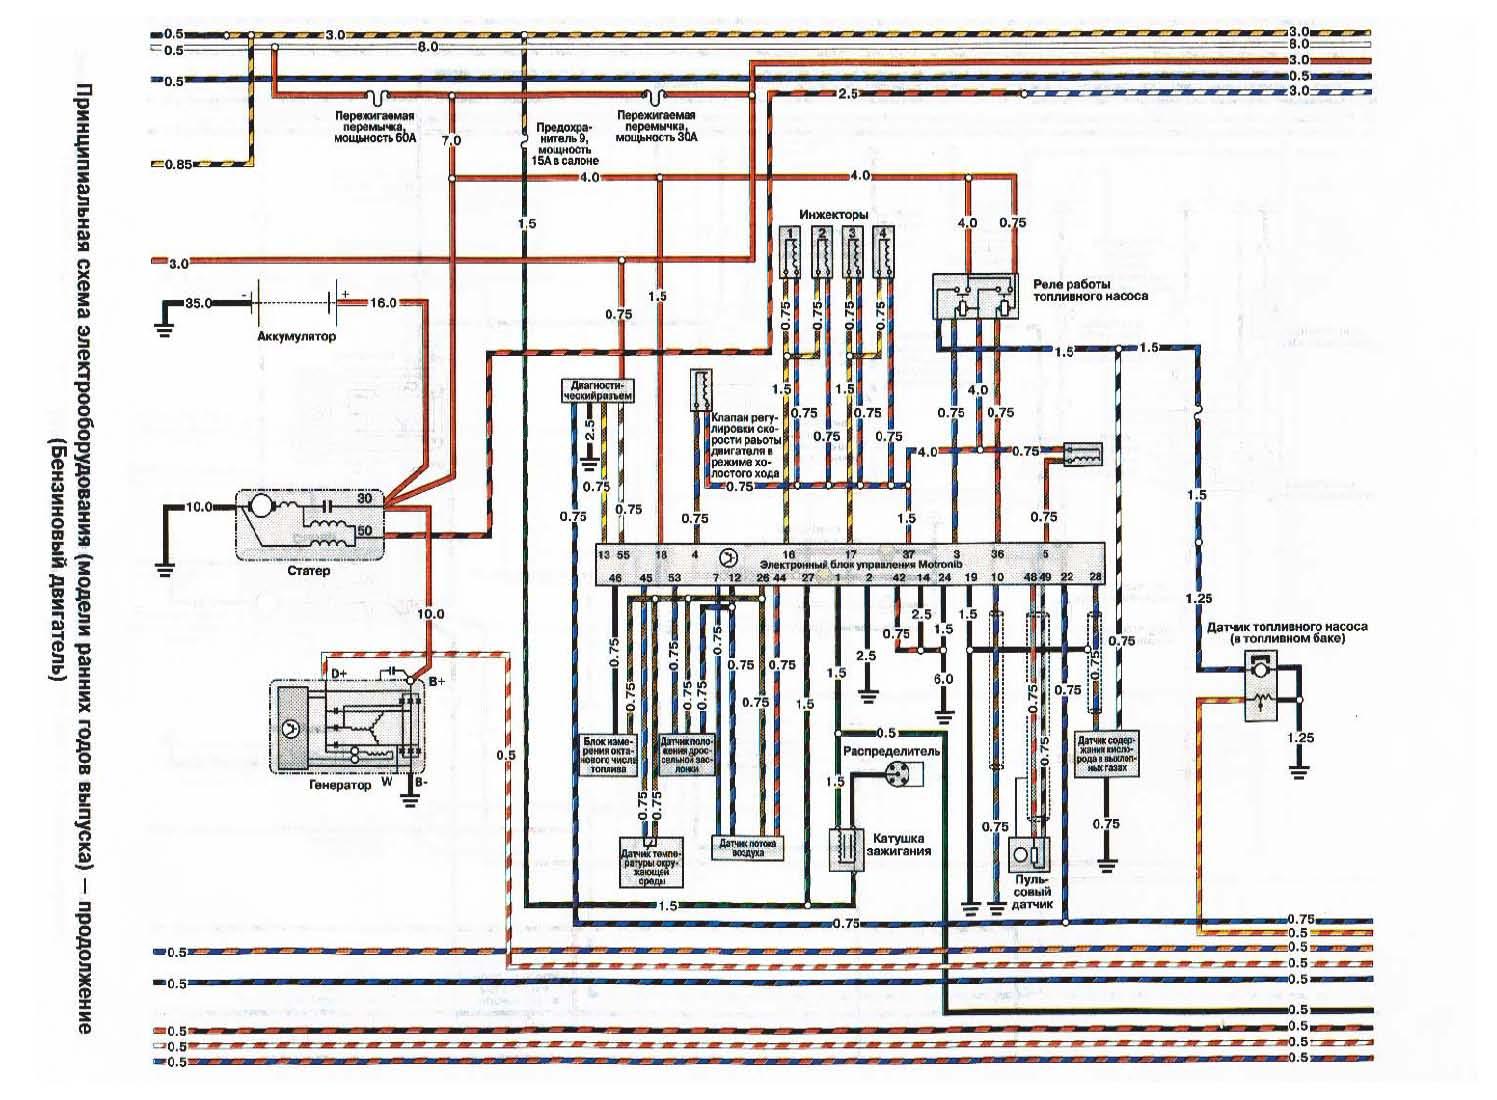 Схема топливной системы фронтера